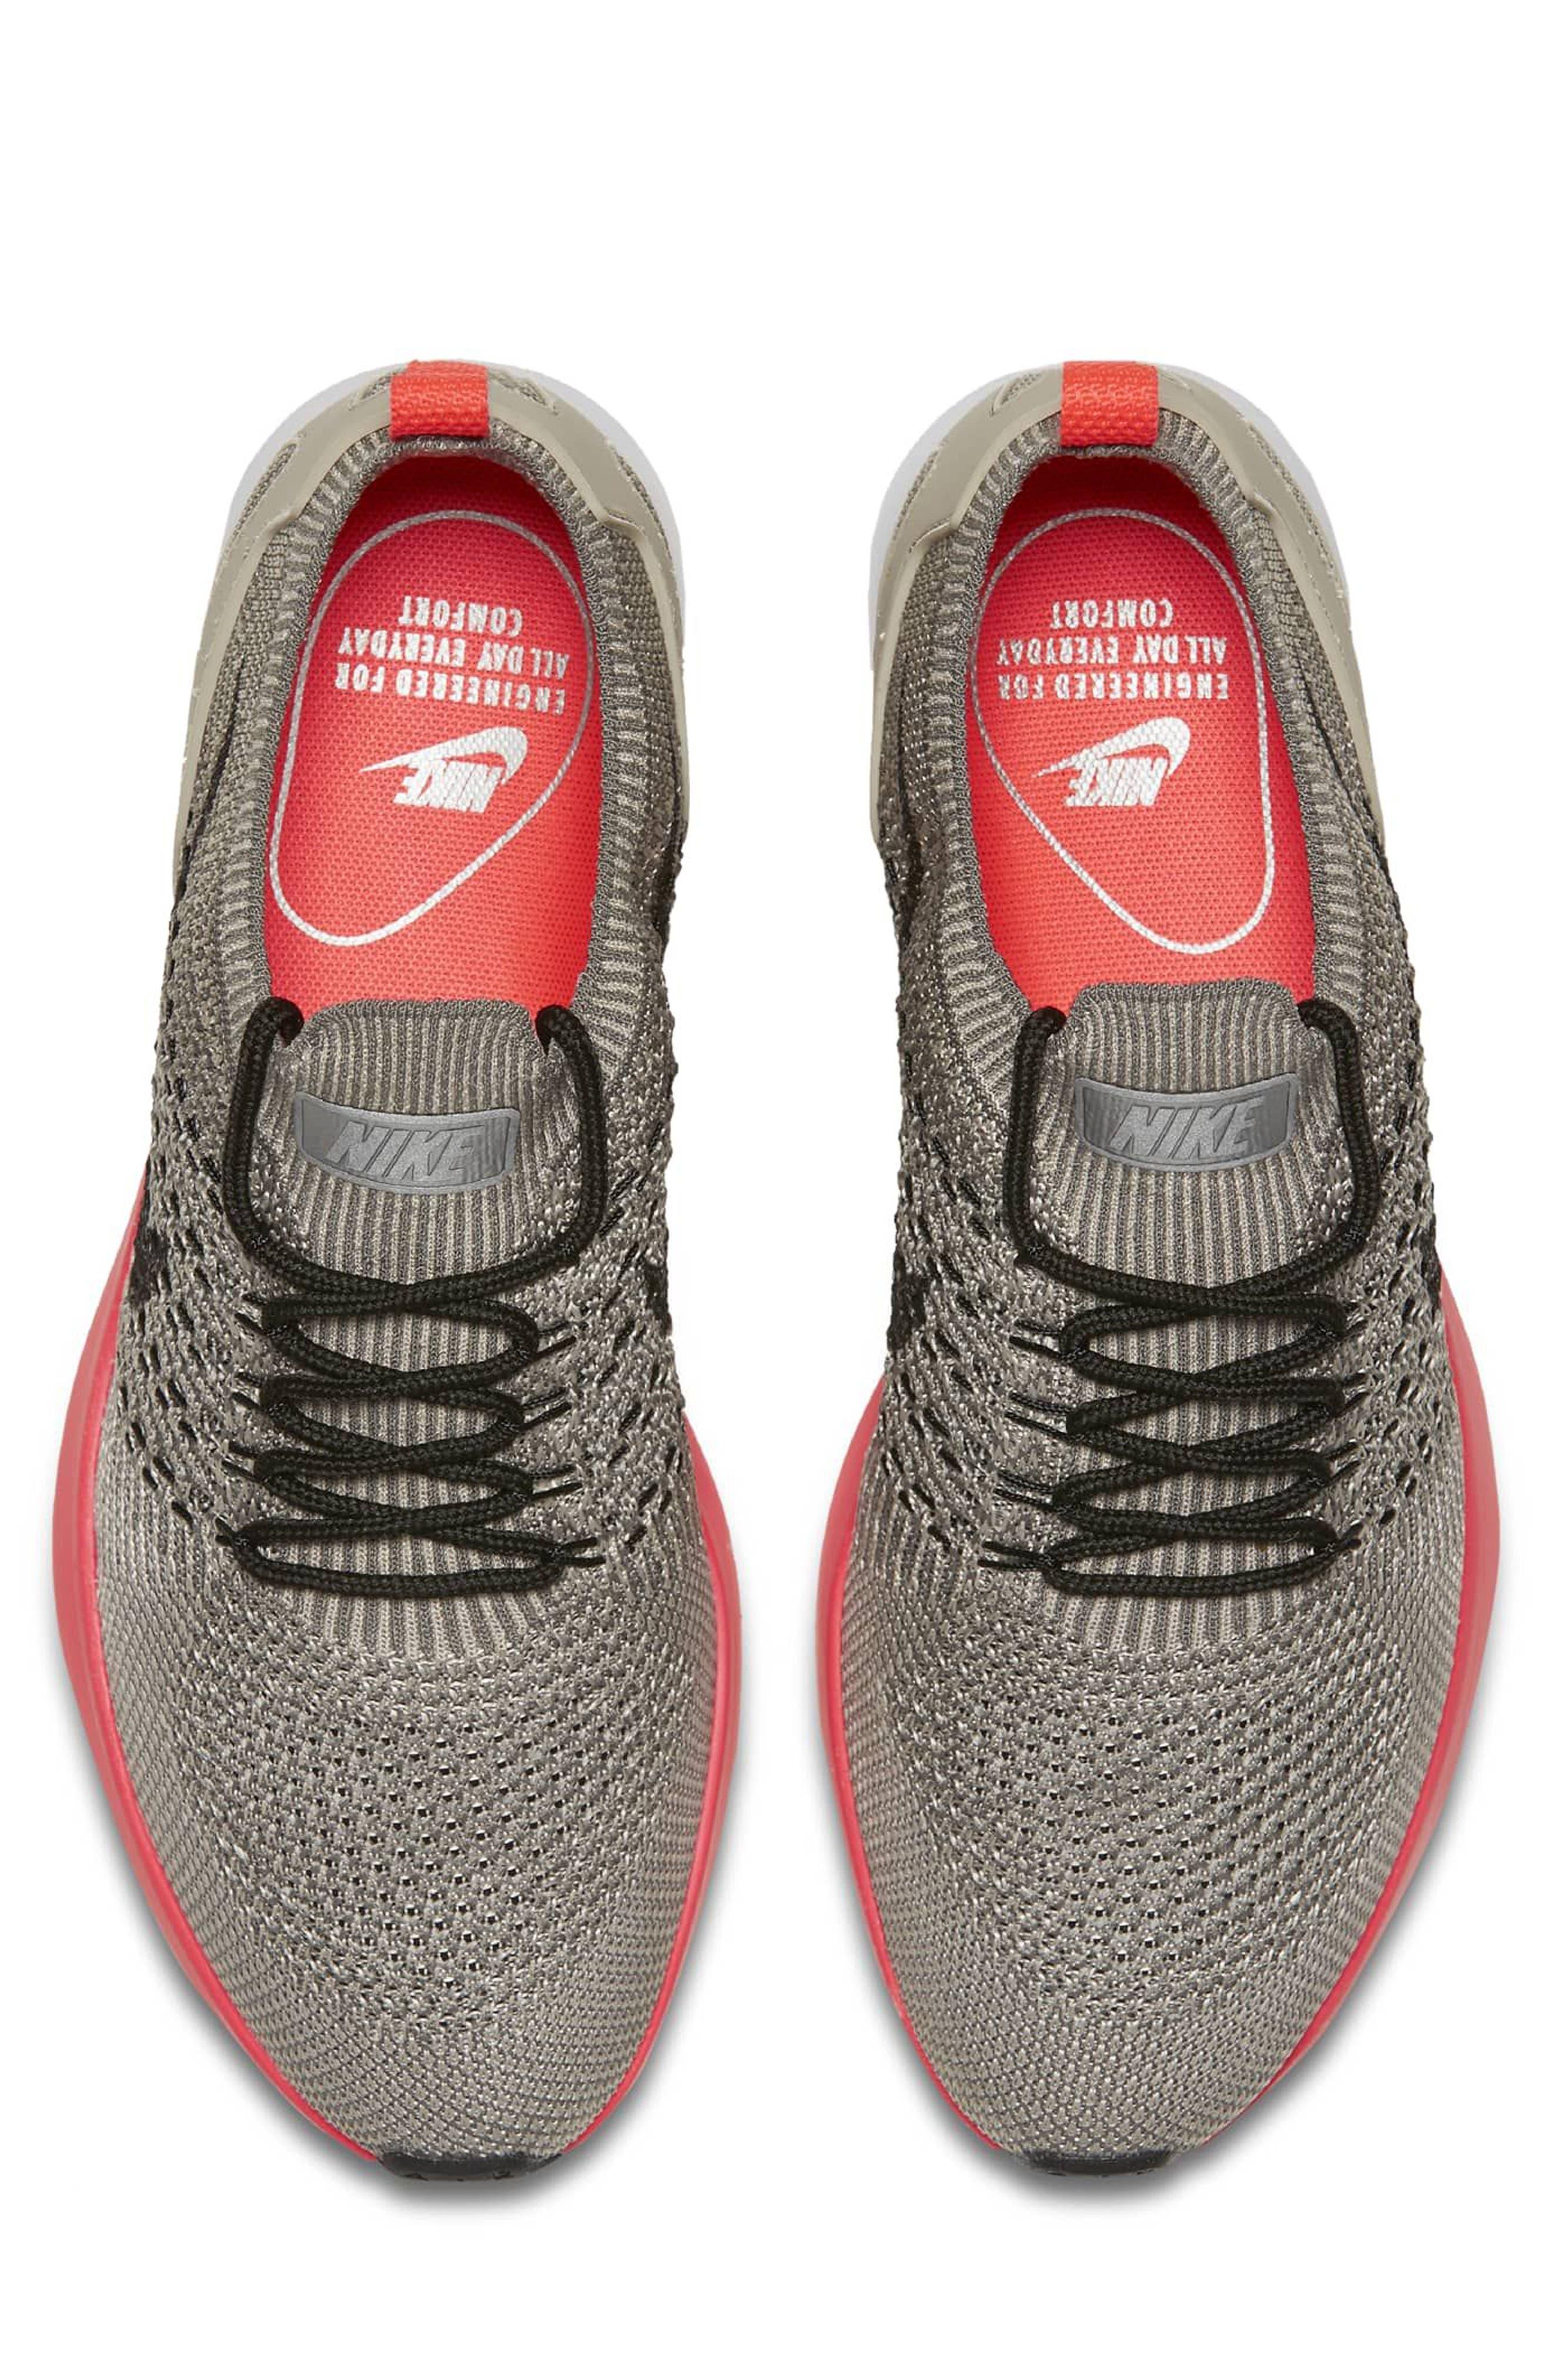 Air Zoom Mariah Flyknit Racer Sneaker,                             Alternate thumbnail 3, color,                             String/ Black/ White